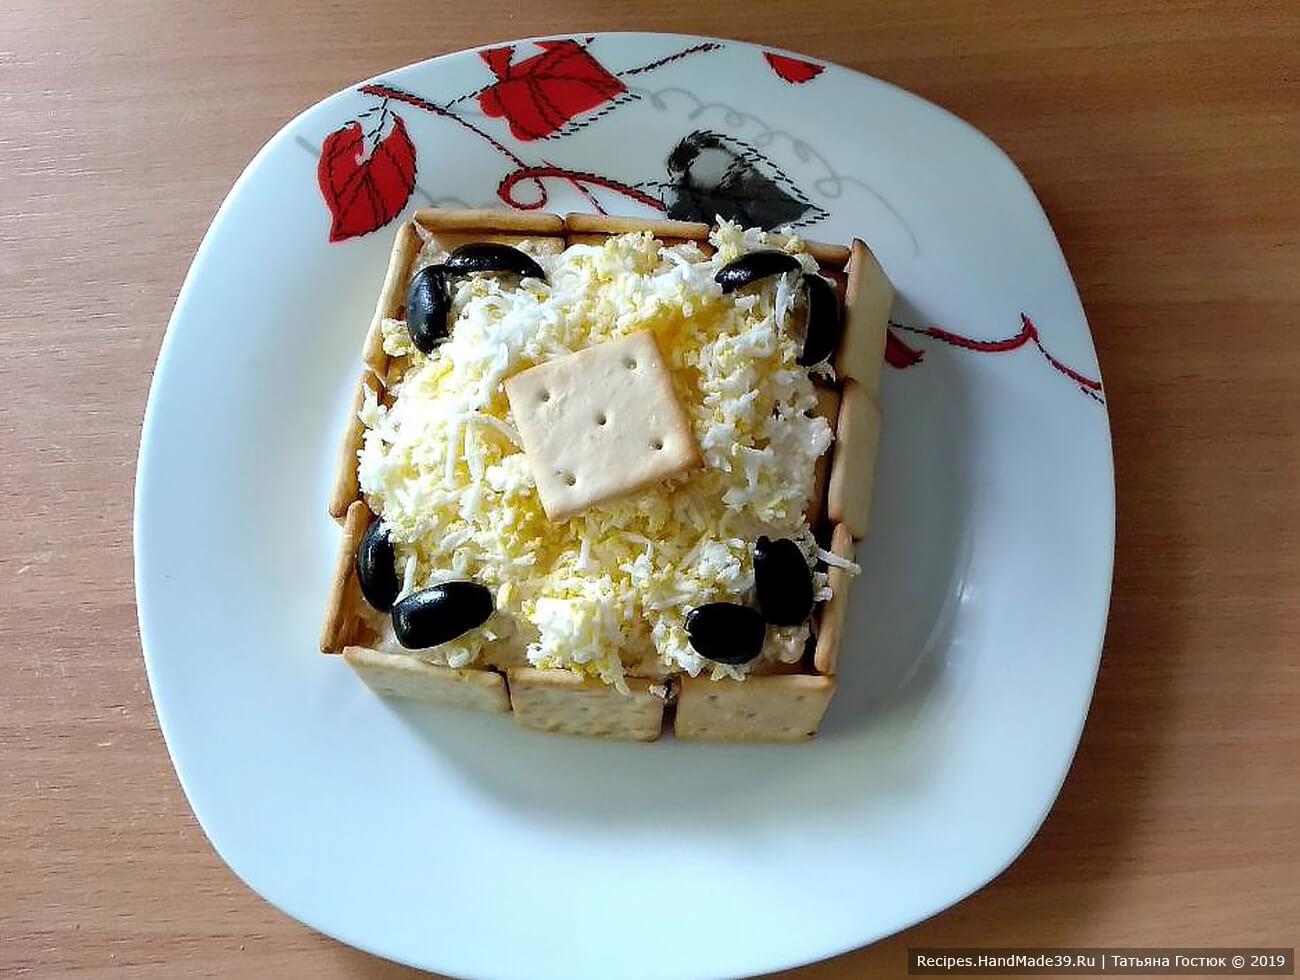 Сверху – вновь крекер и слой сыра. По желанию можно украсить блюдо оливками или маслинами без косточек. Приятного аппетита!